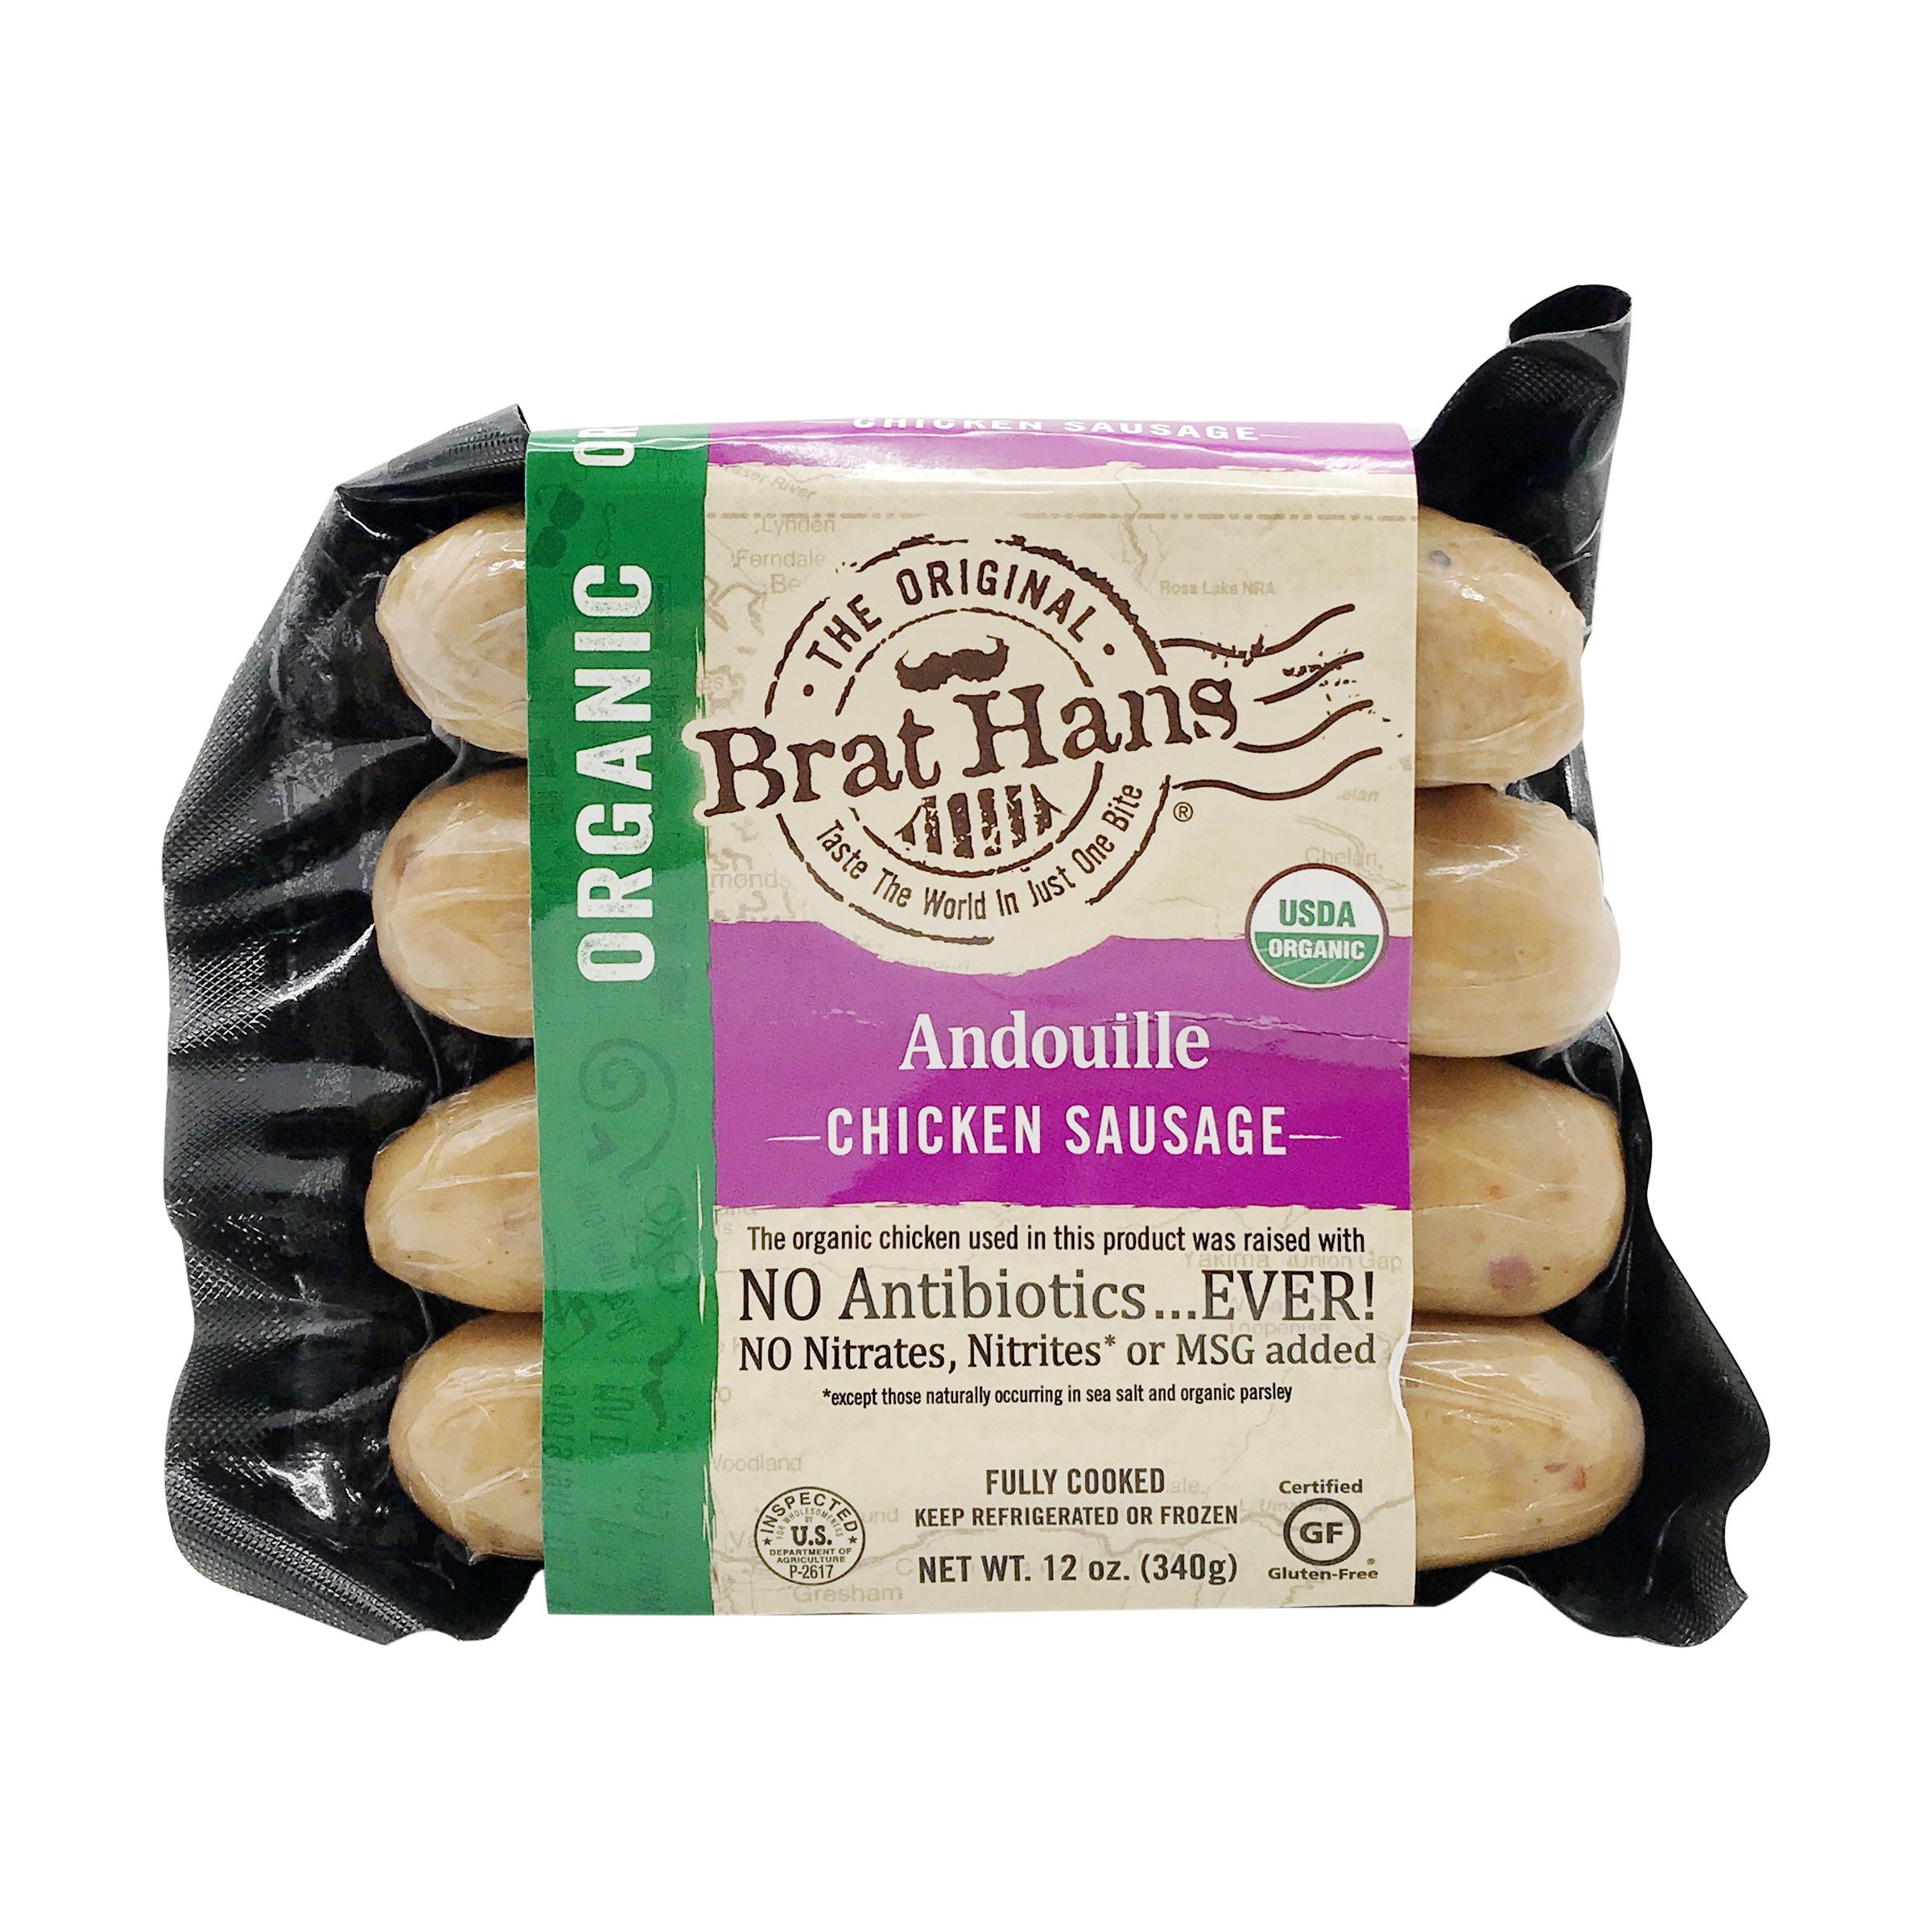 Organic Andouille Chicken Sausage, 12 oz, The Original Brat